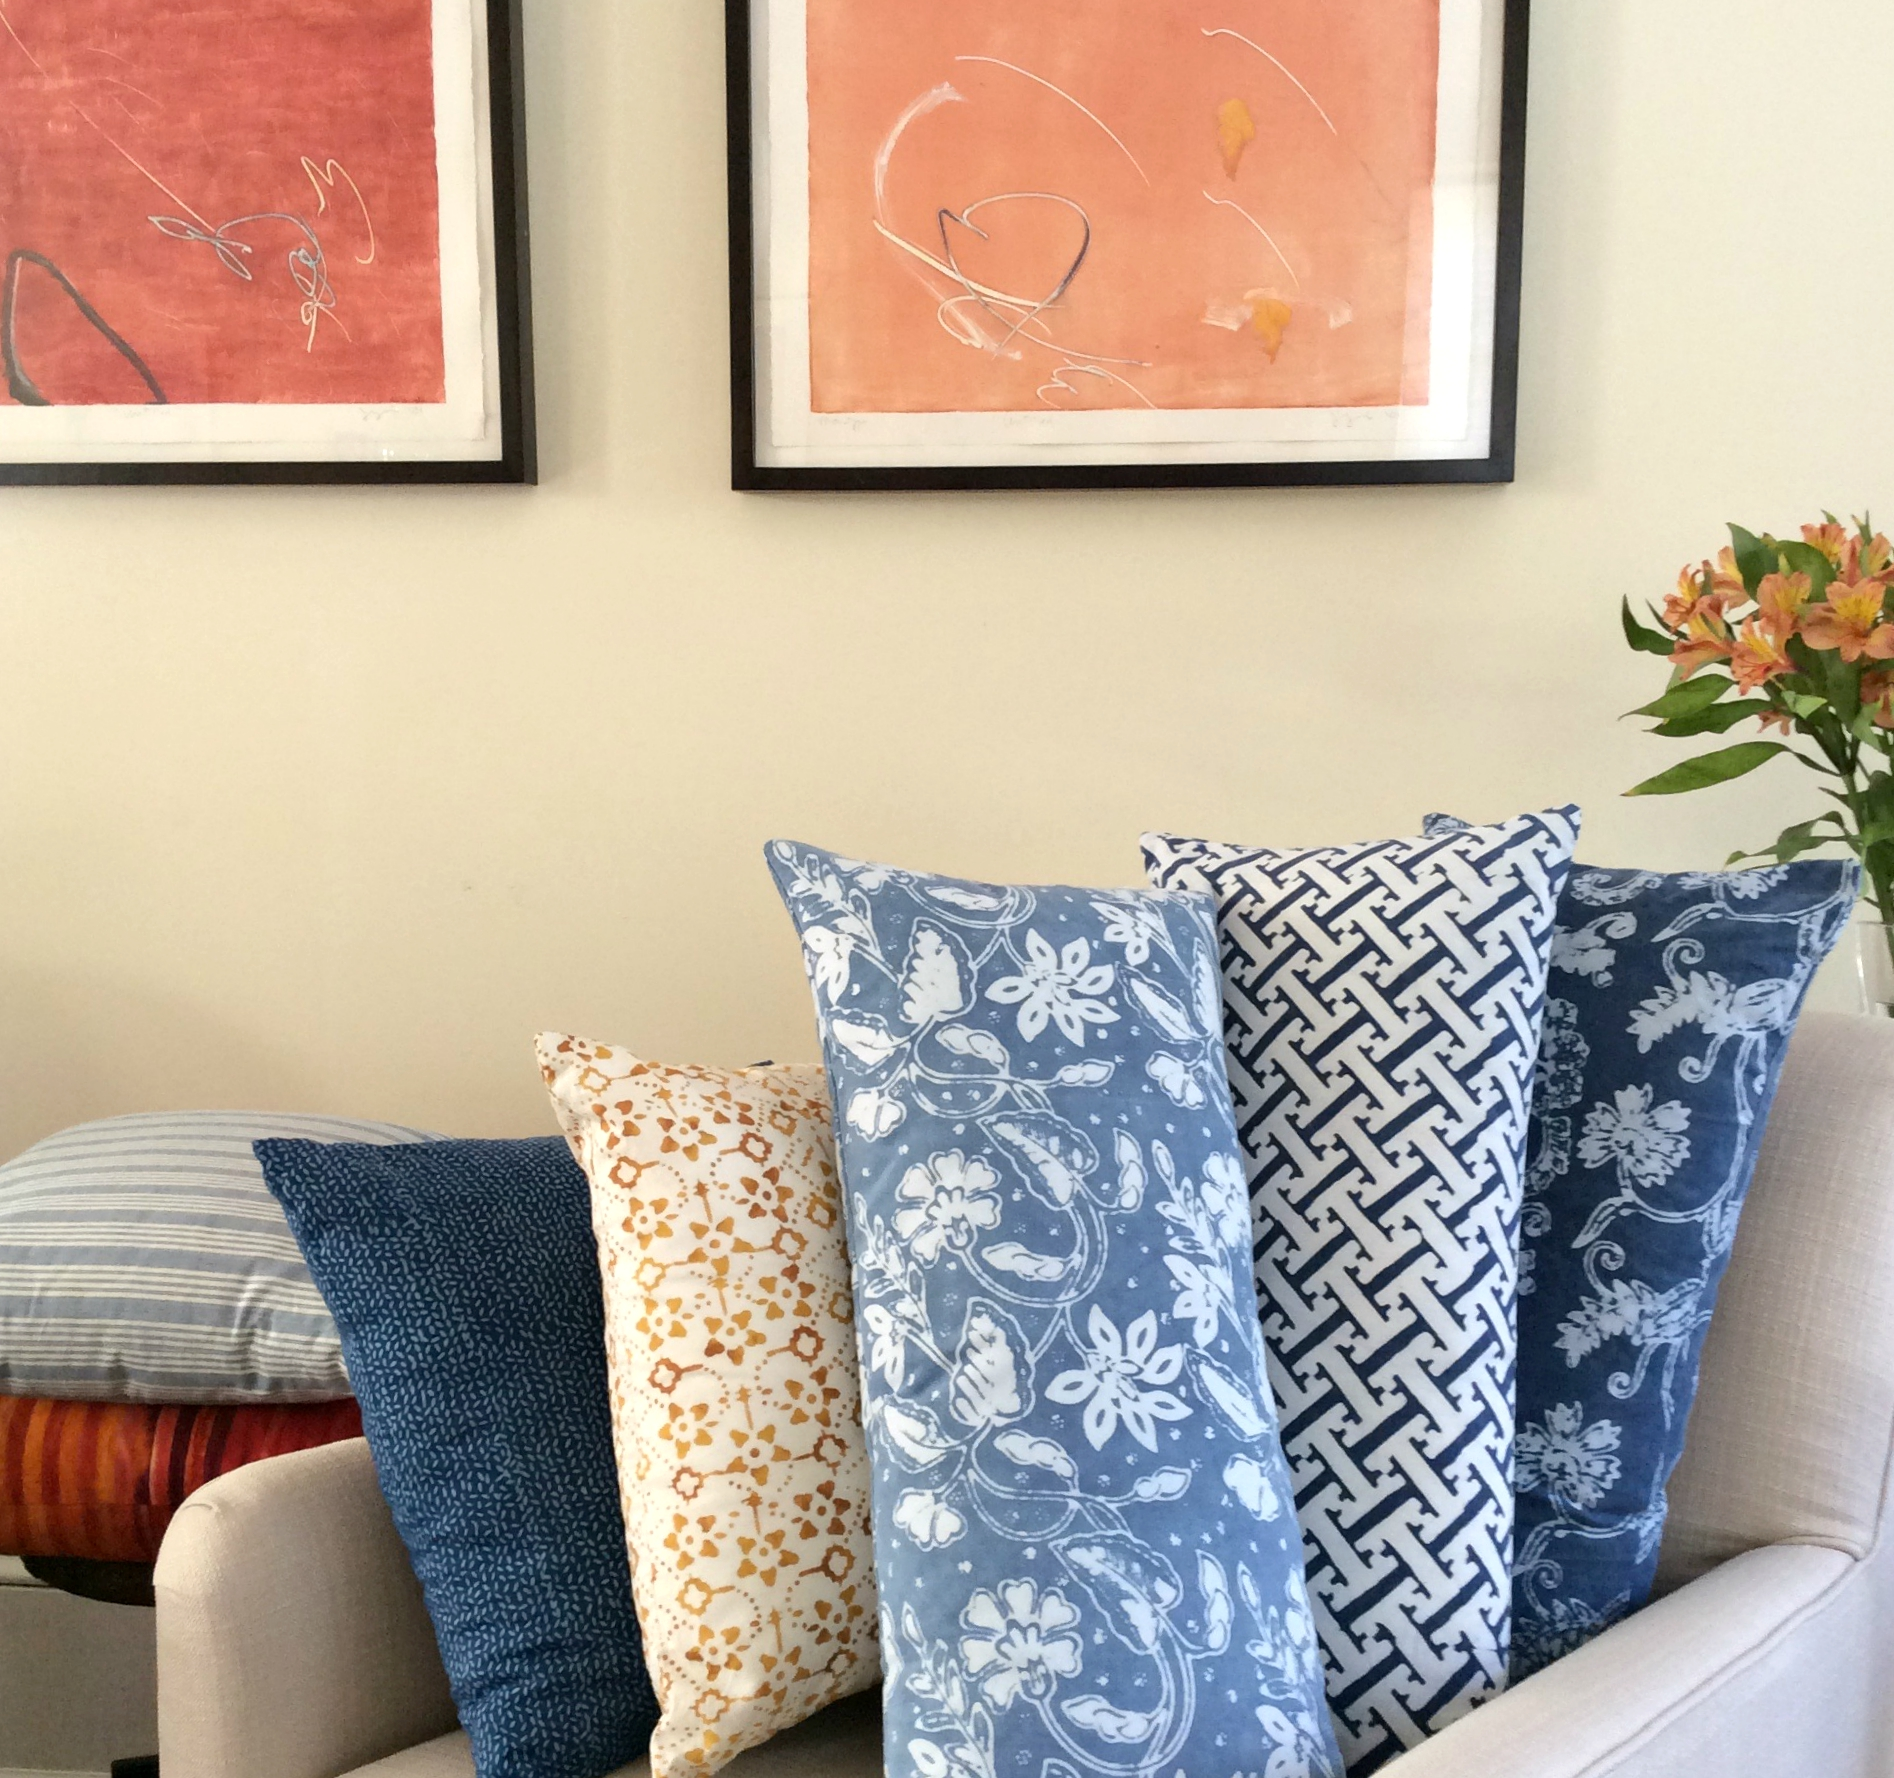 Mixed natural dye lumbar pillows